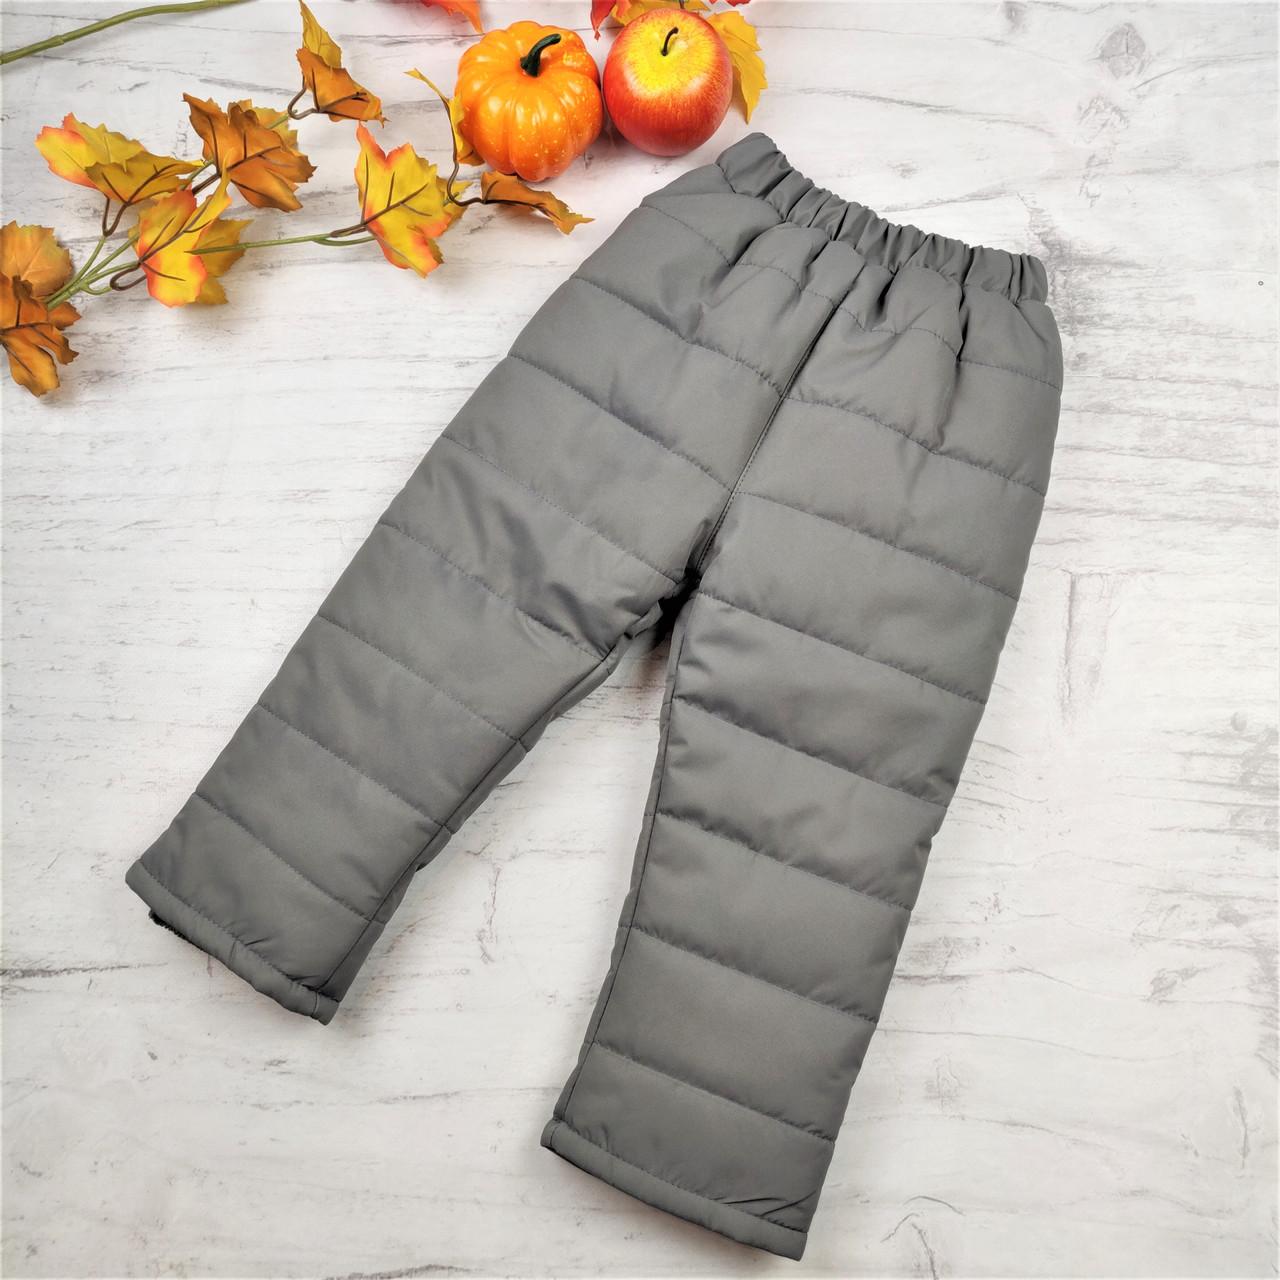 Детские зимние болоневые штаны (8шт) на мальчика на девочку, 98-140